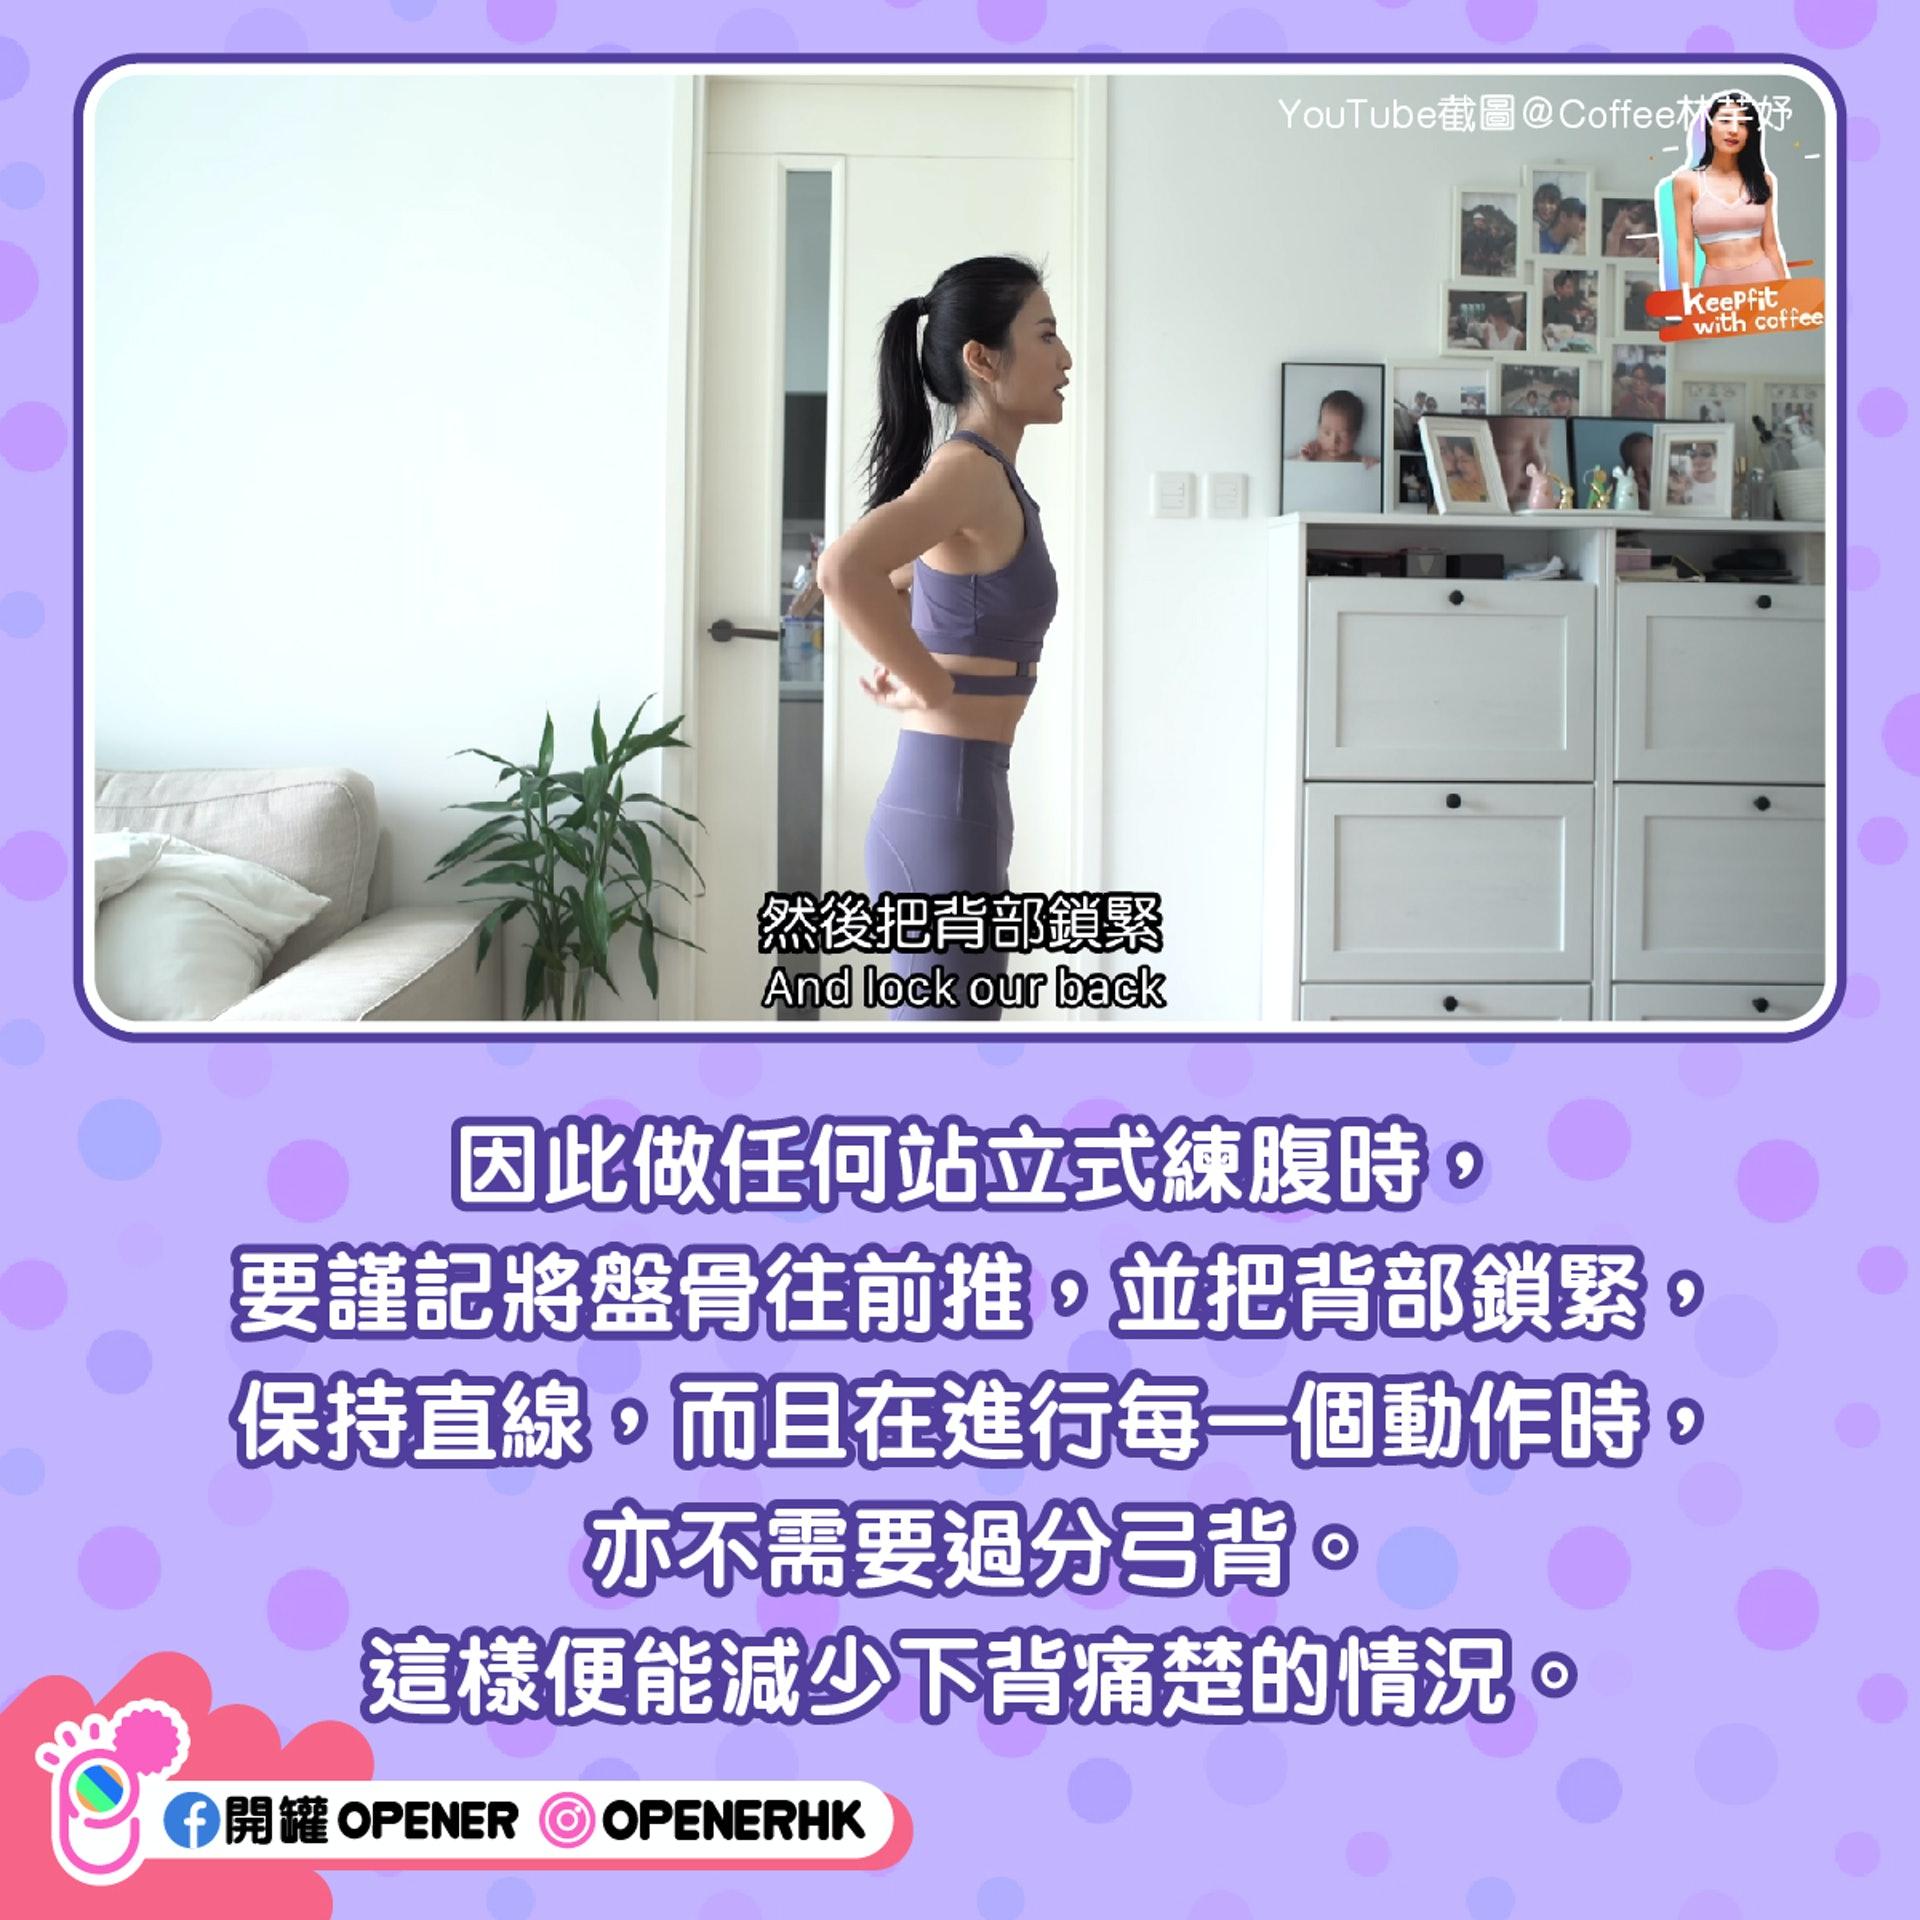 做站立式練腹運動時要避免「過分弓背」。